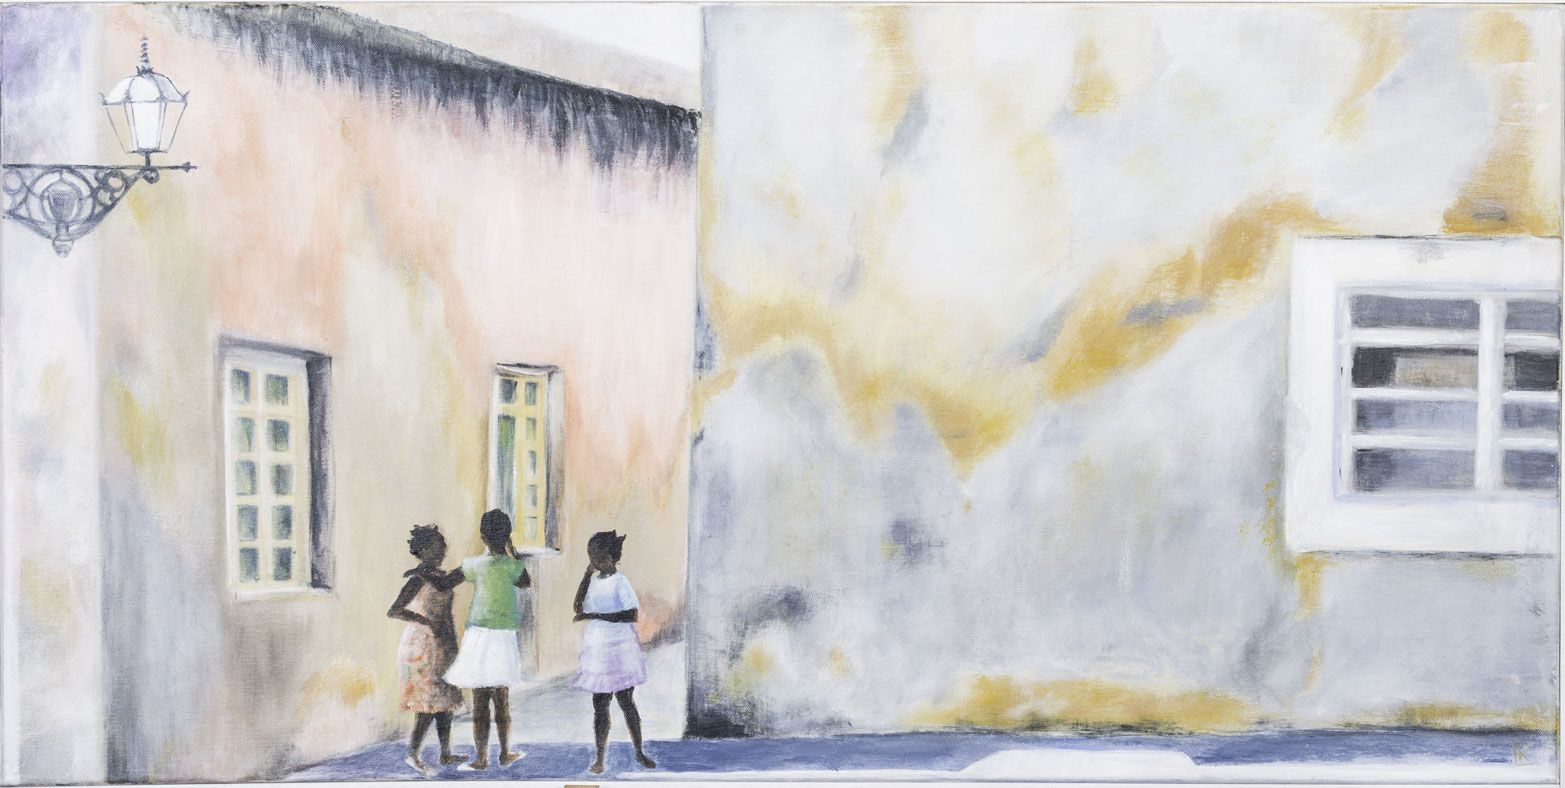 gallerypicsTagMozambique1.jpg